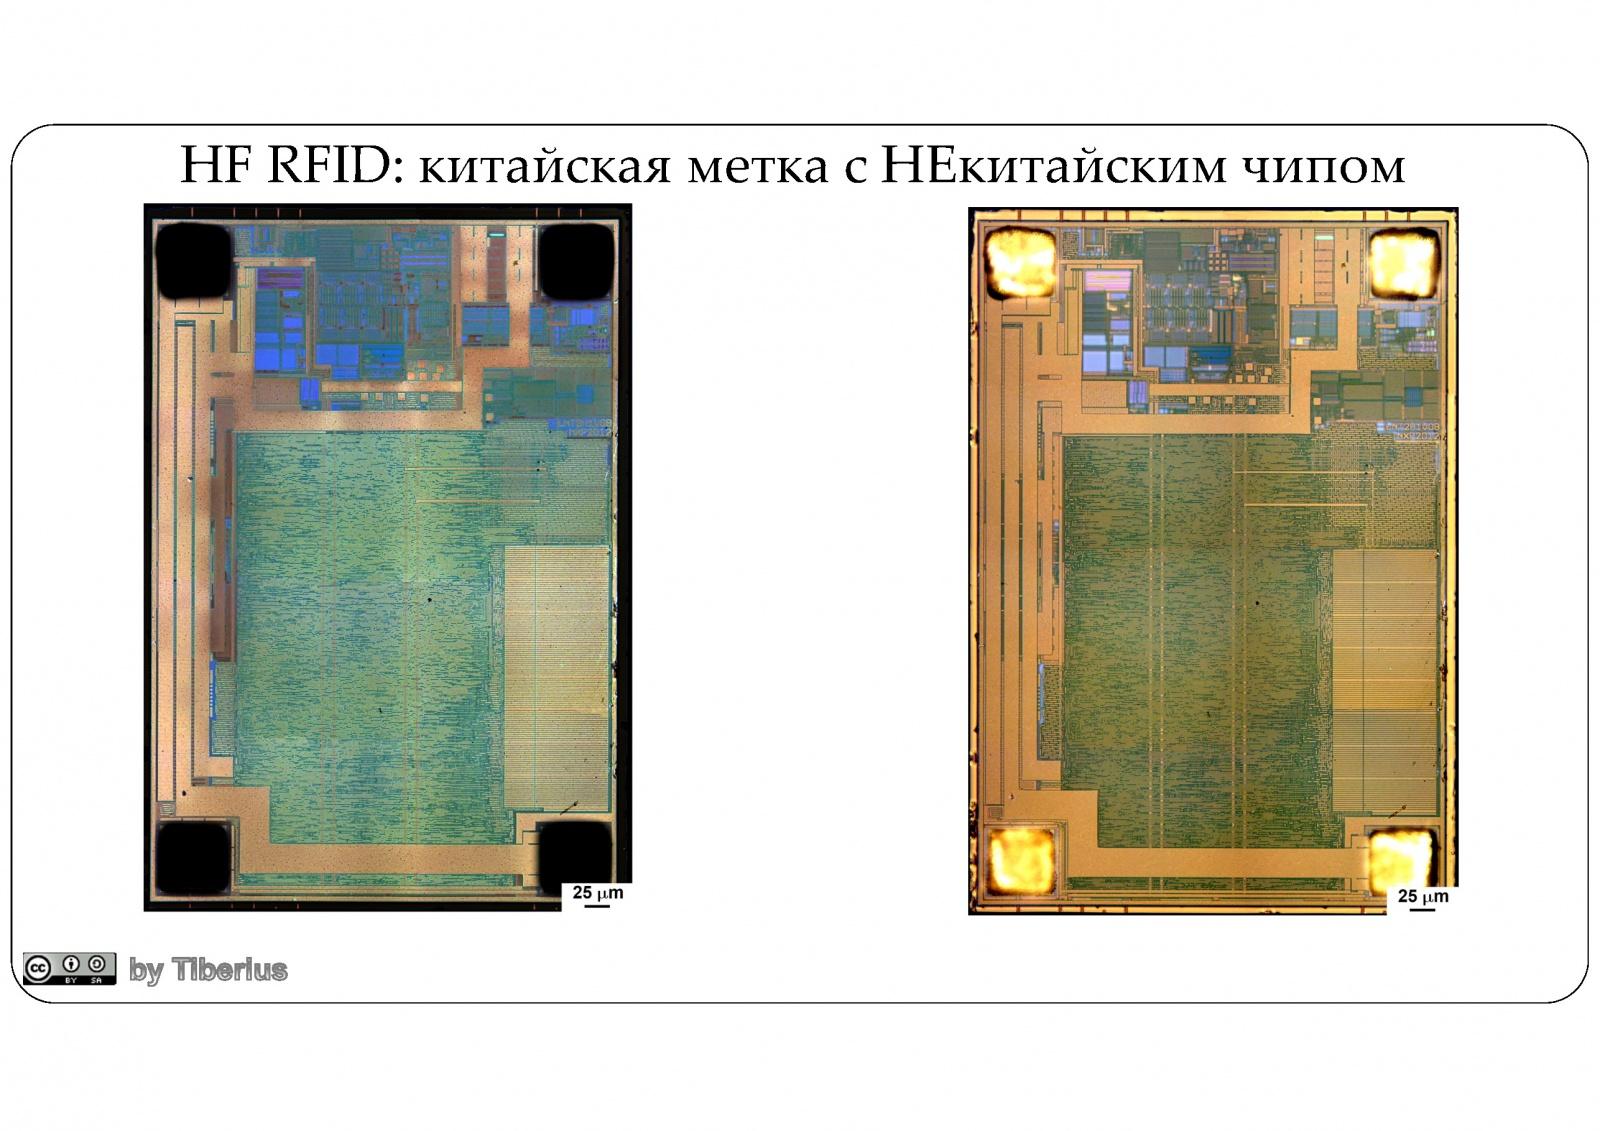 Взгляд изнутри: RFID в современном мире. Часть 2: китайские RFID - 5